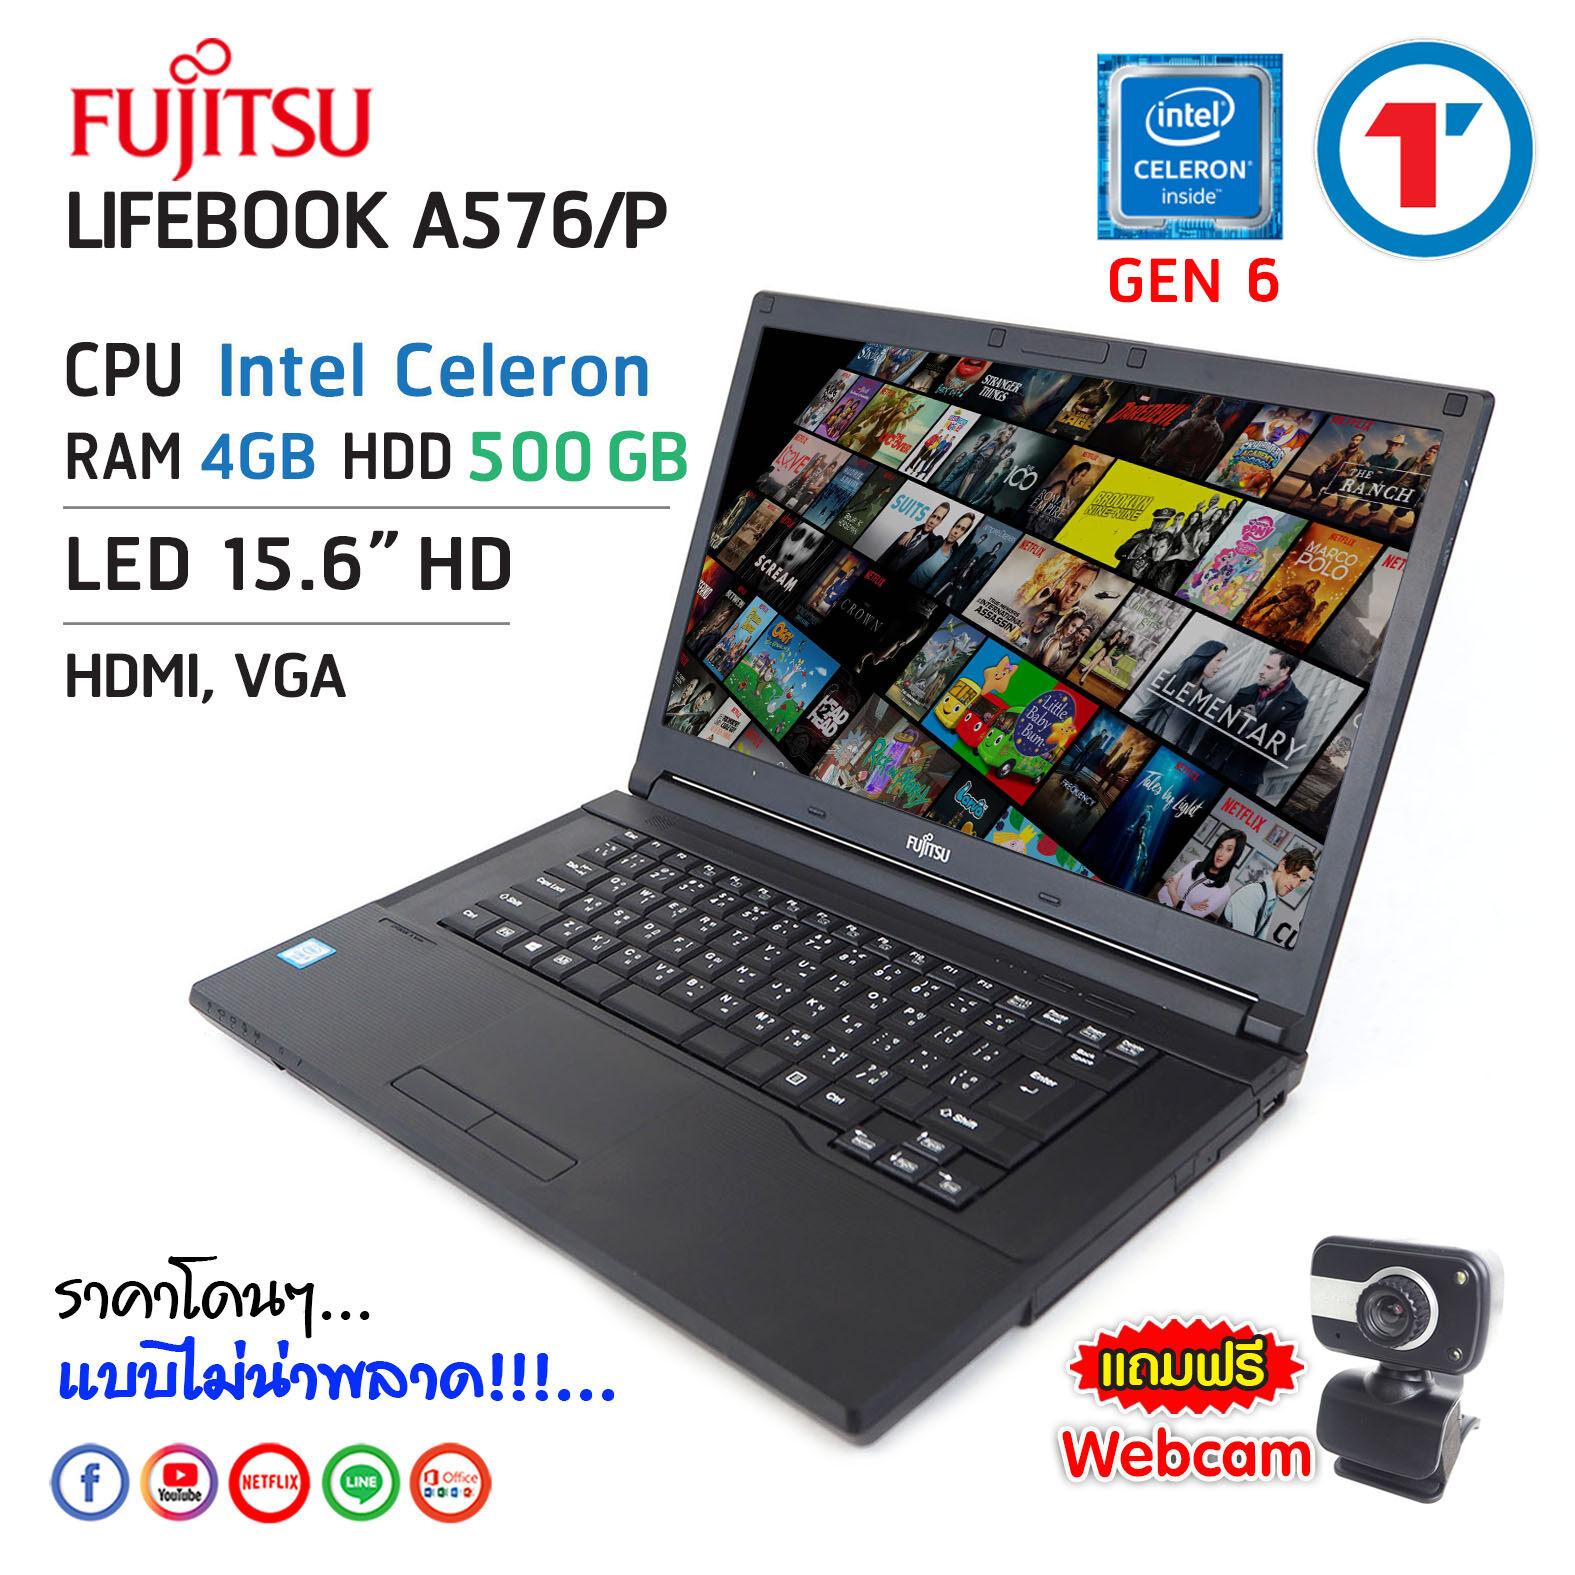 โน๊ตบุ๊ค Fujitsu Lifebook A576/p Intel Gen 6 Ram 4-8 Gb Ddr4 Hdd 500gb/ Ssd 120gb แถมฟรีกล้อง Refurbished Laptop Used Notebook Computer คอมมือสอง 2021 สภาพดี!! มีประกัน By Totalsolution.